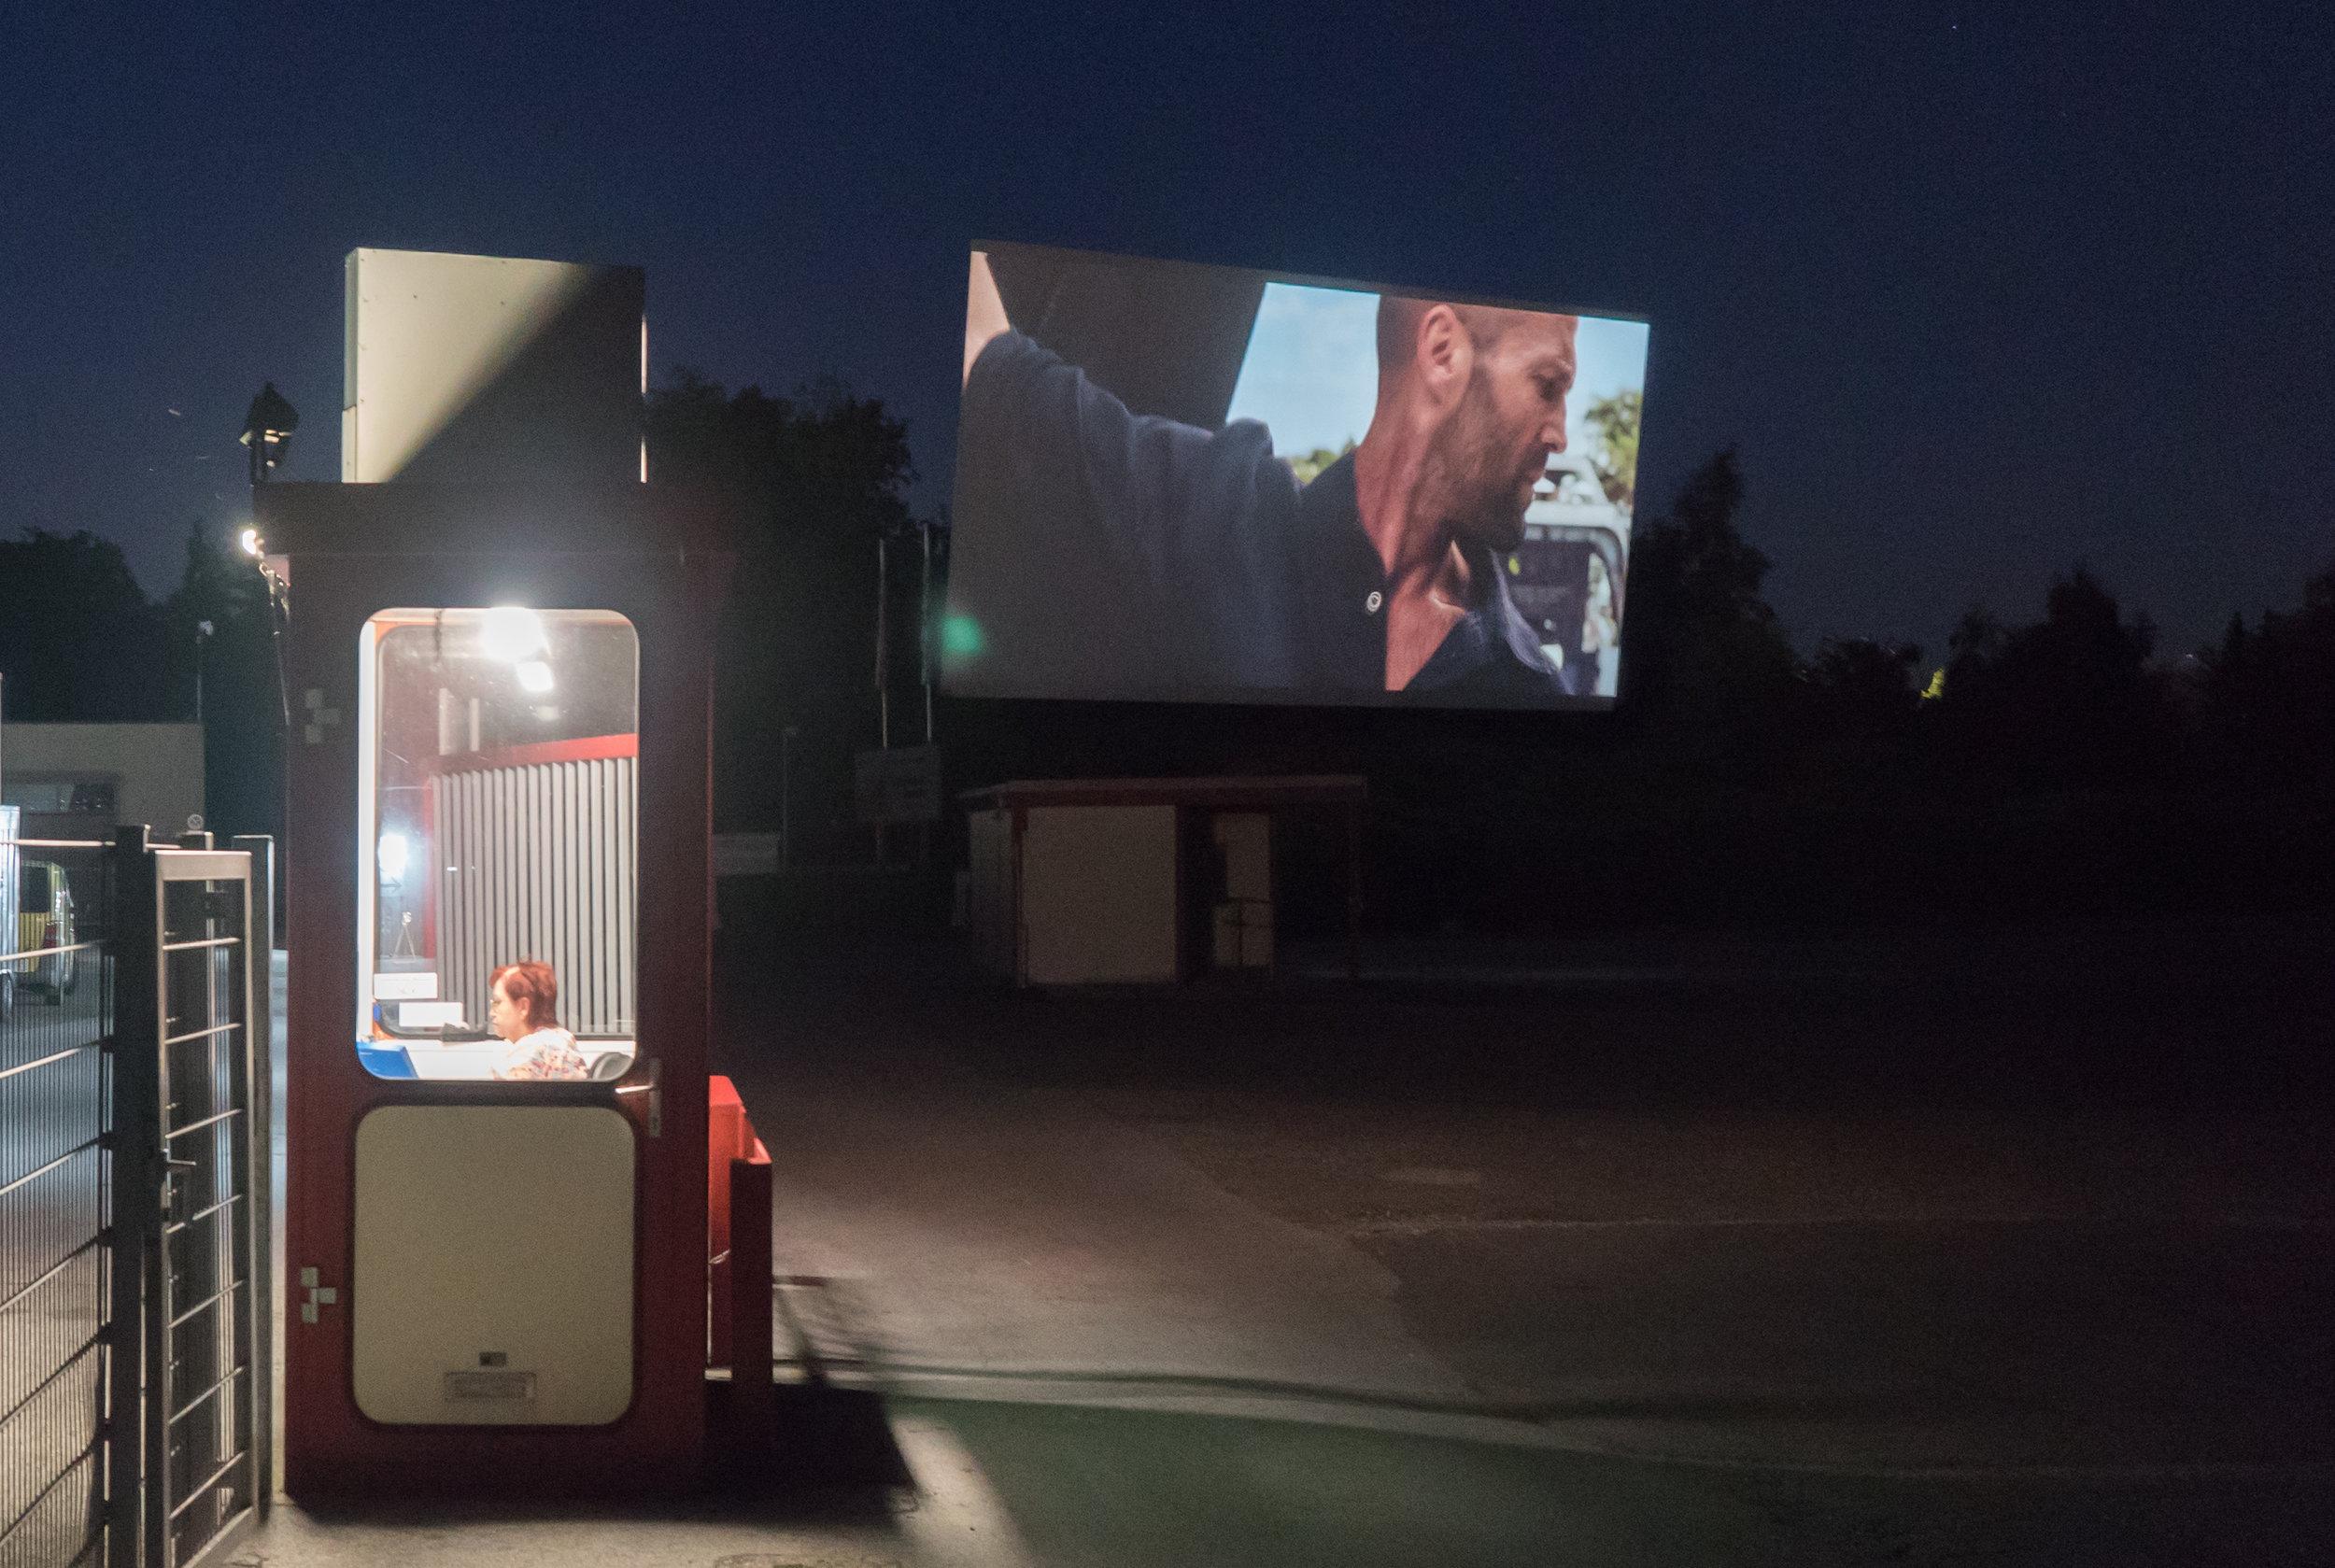 Im Drive In Autokino Essen: Kassenhäuschen und Leinwand mit Actionfilm